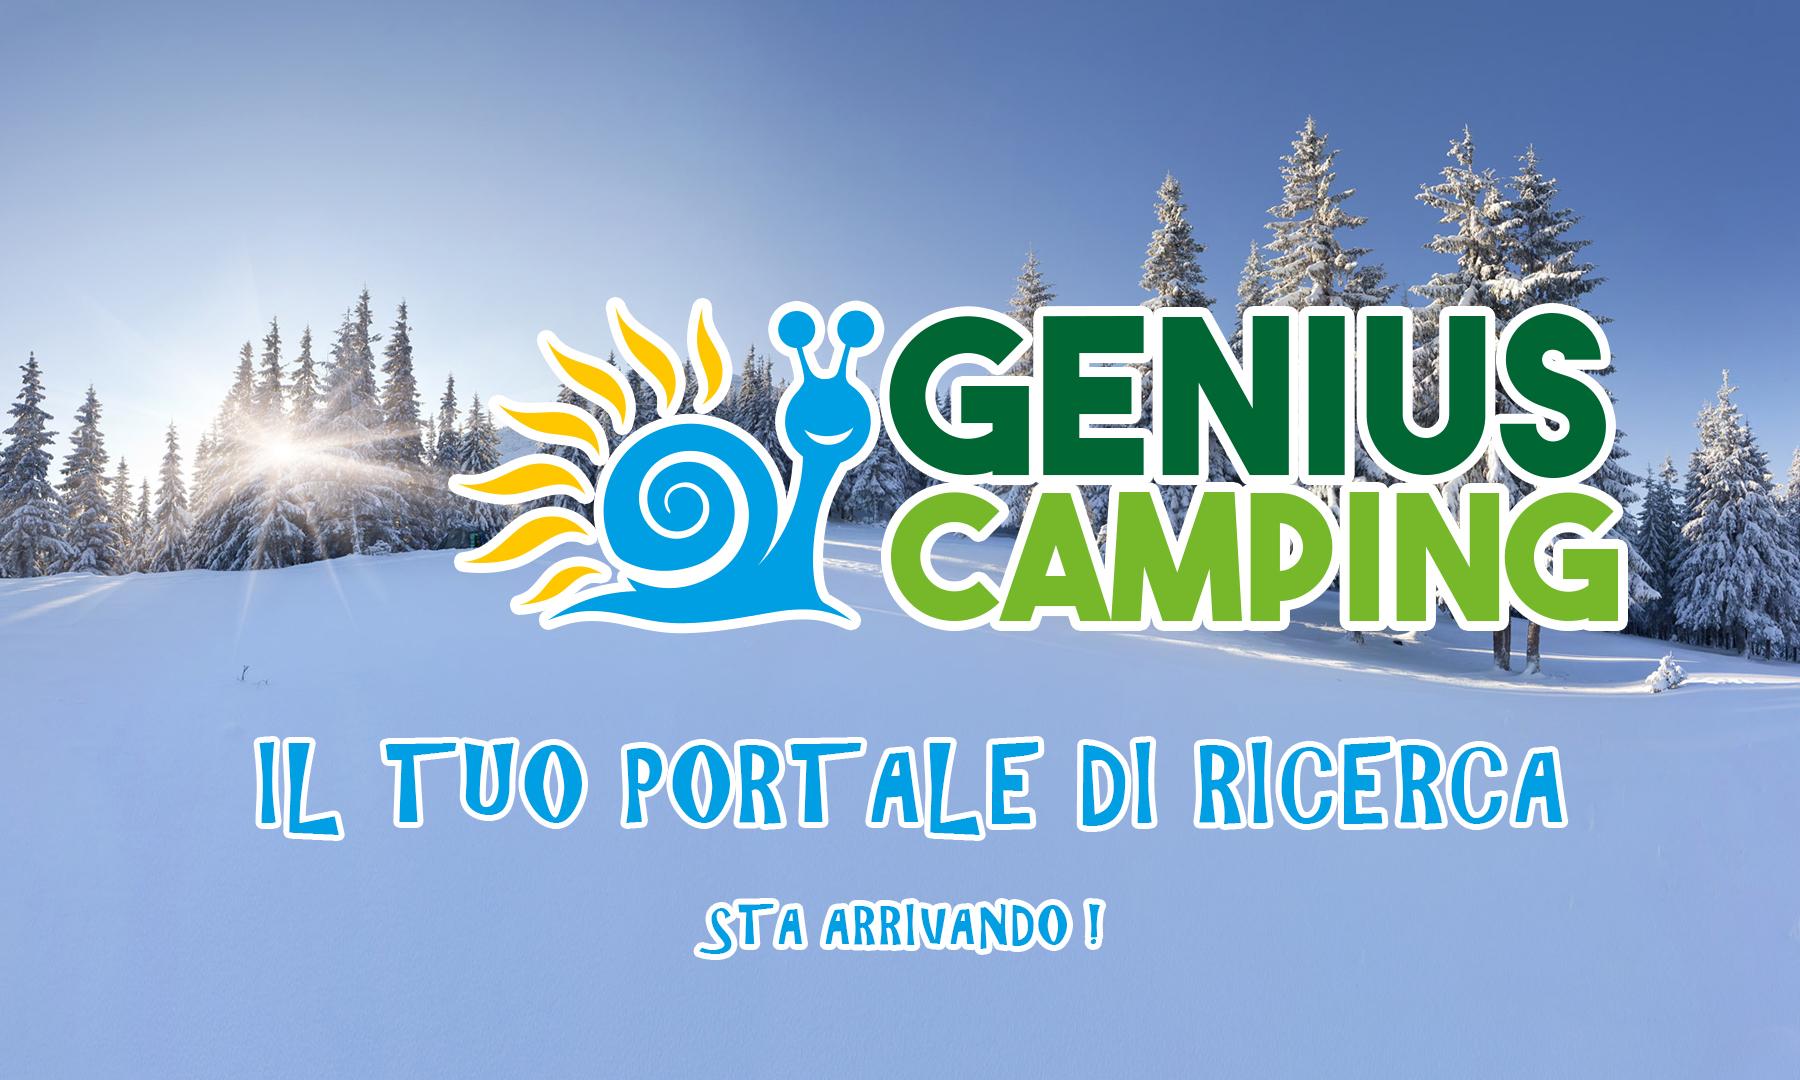 Genius Camping, il tuo portale di ricerca sta arrivando!